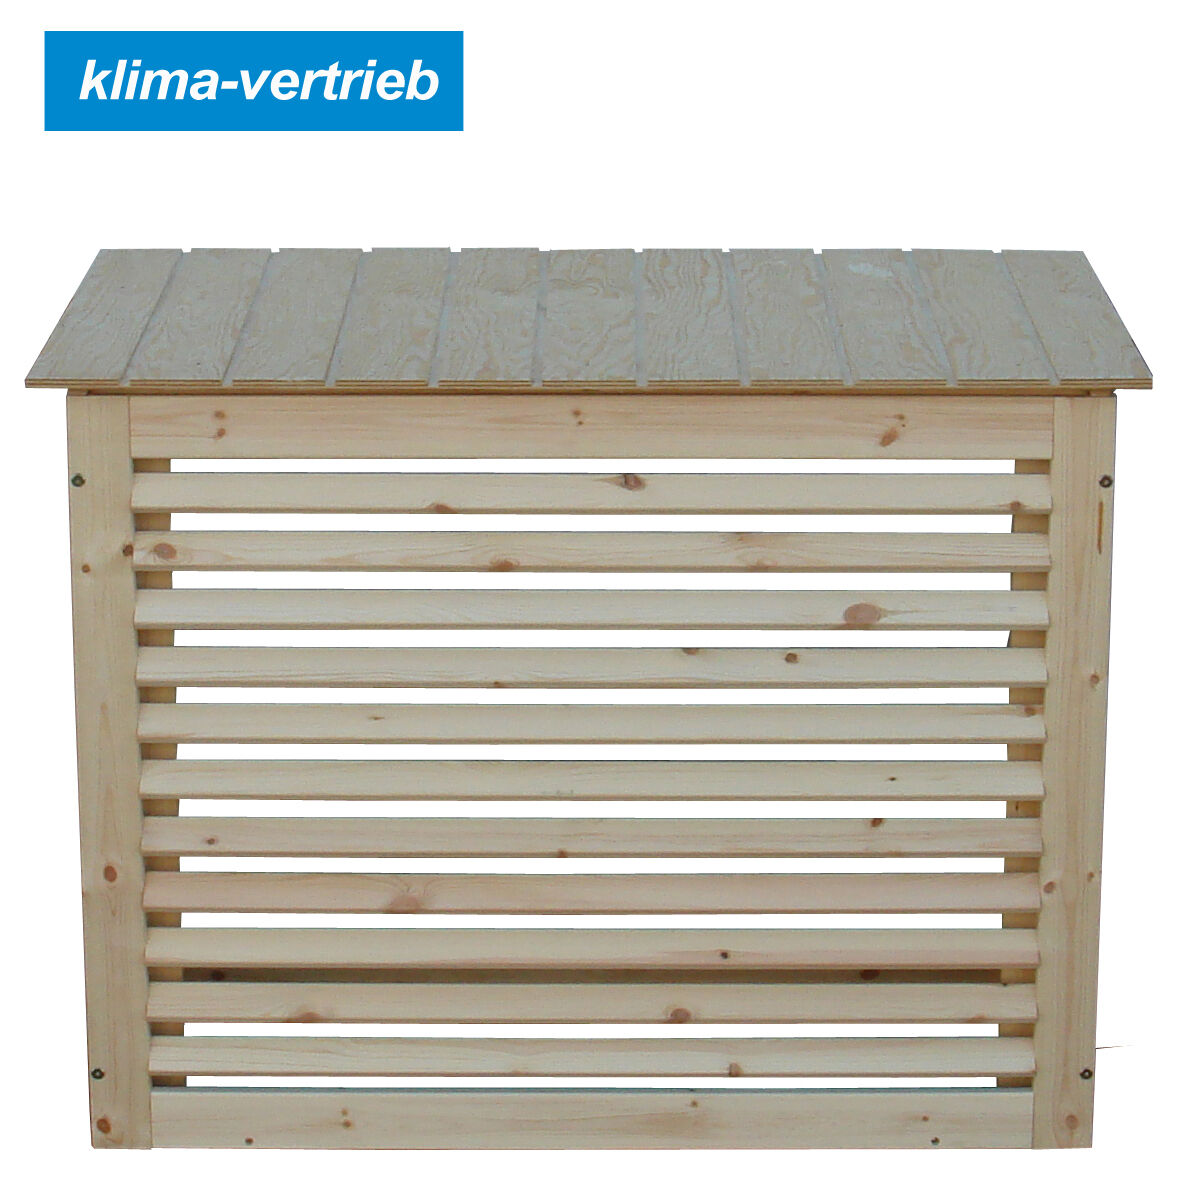 Klimagerät Sichtschutz Wetterschutz Verkleidung Holz 112x85x50cm